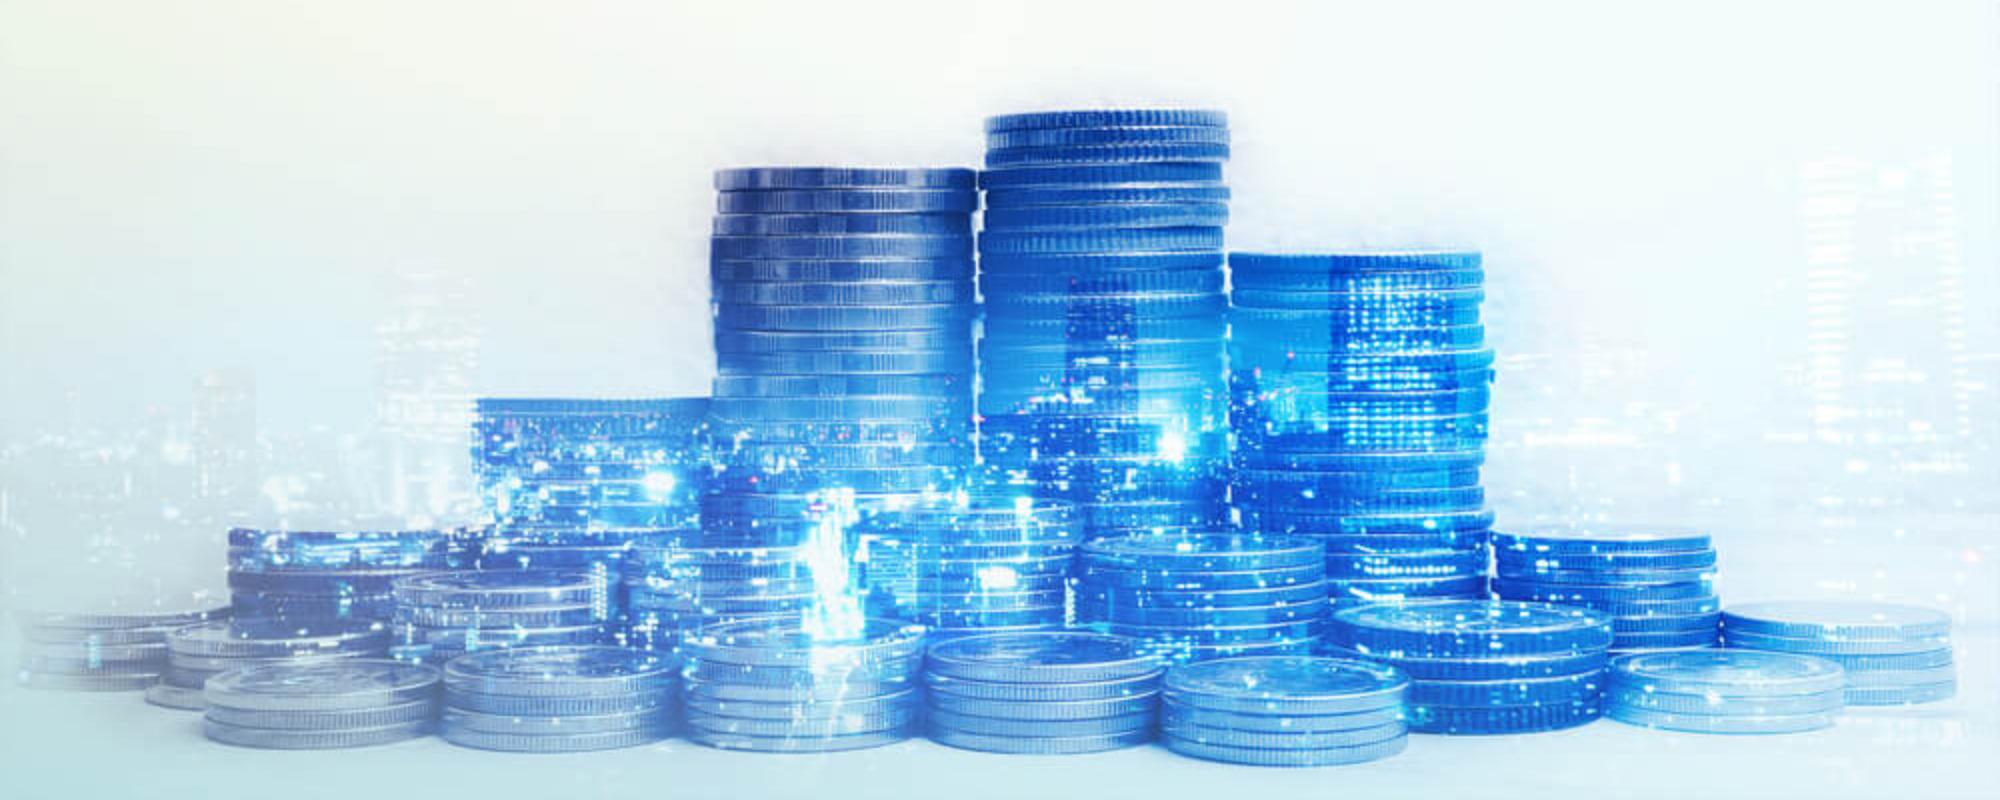 investimentos em startups